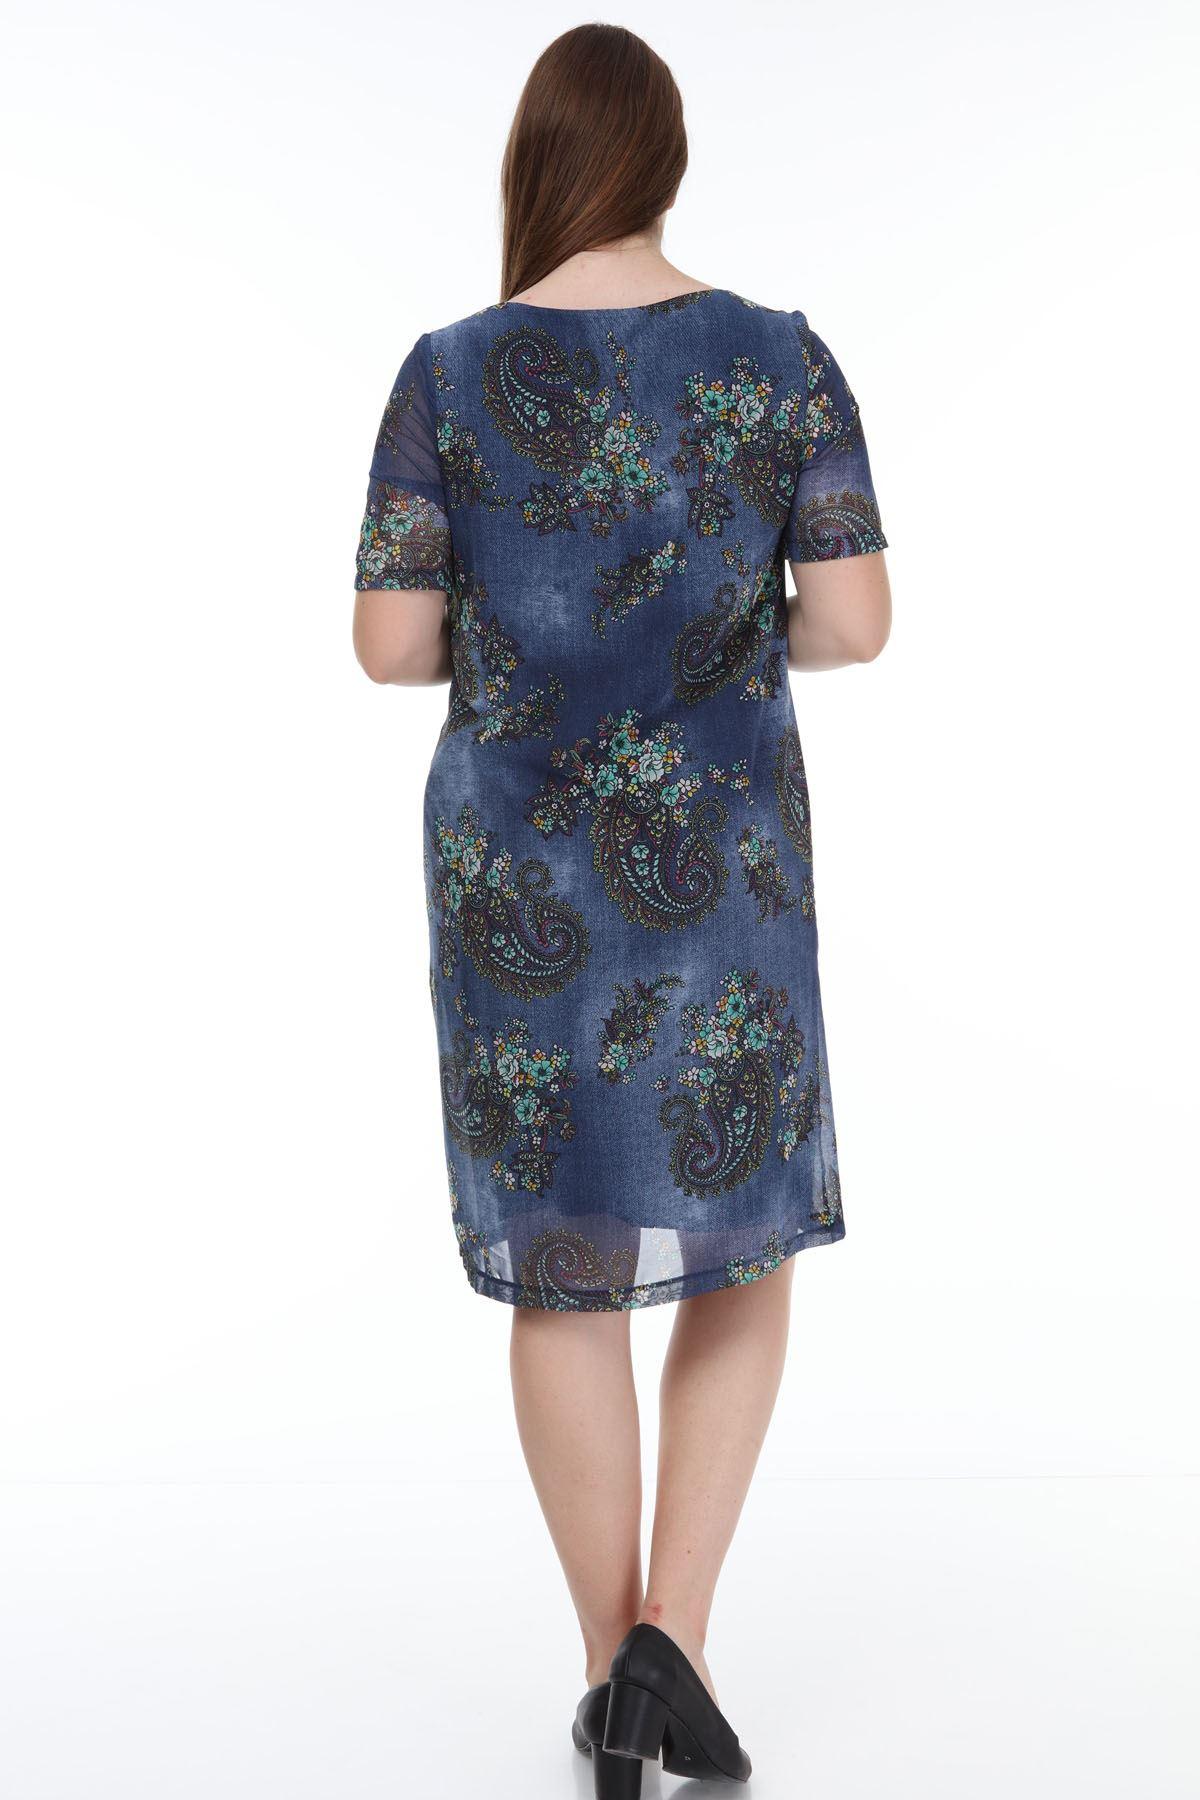 Çiçek Desenli Şifon Büyük Beden Elbise J1-1168